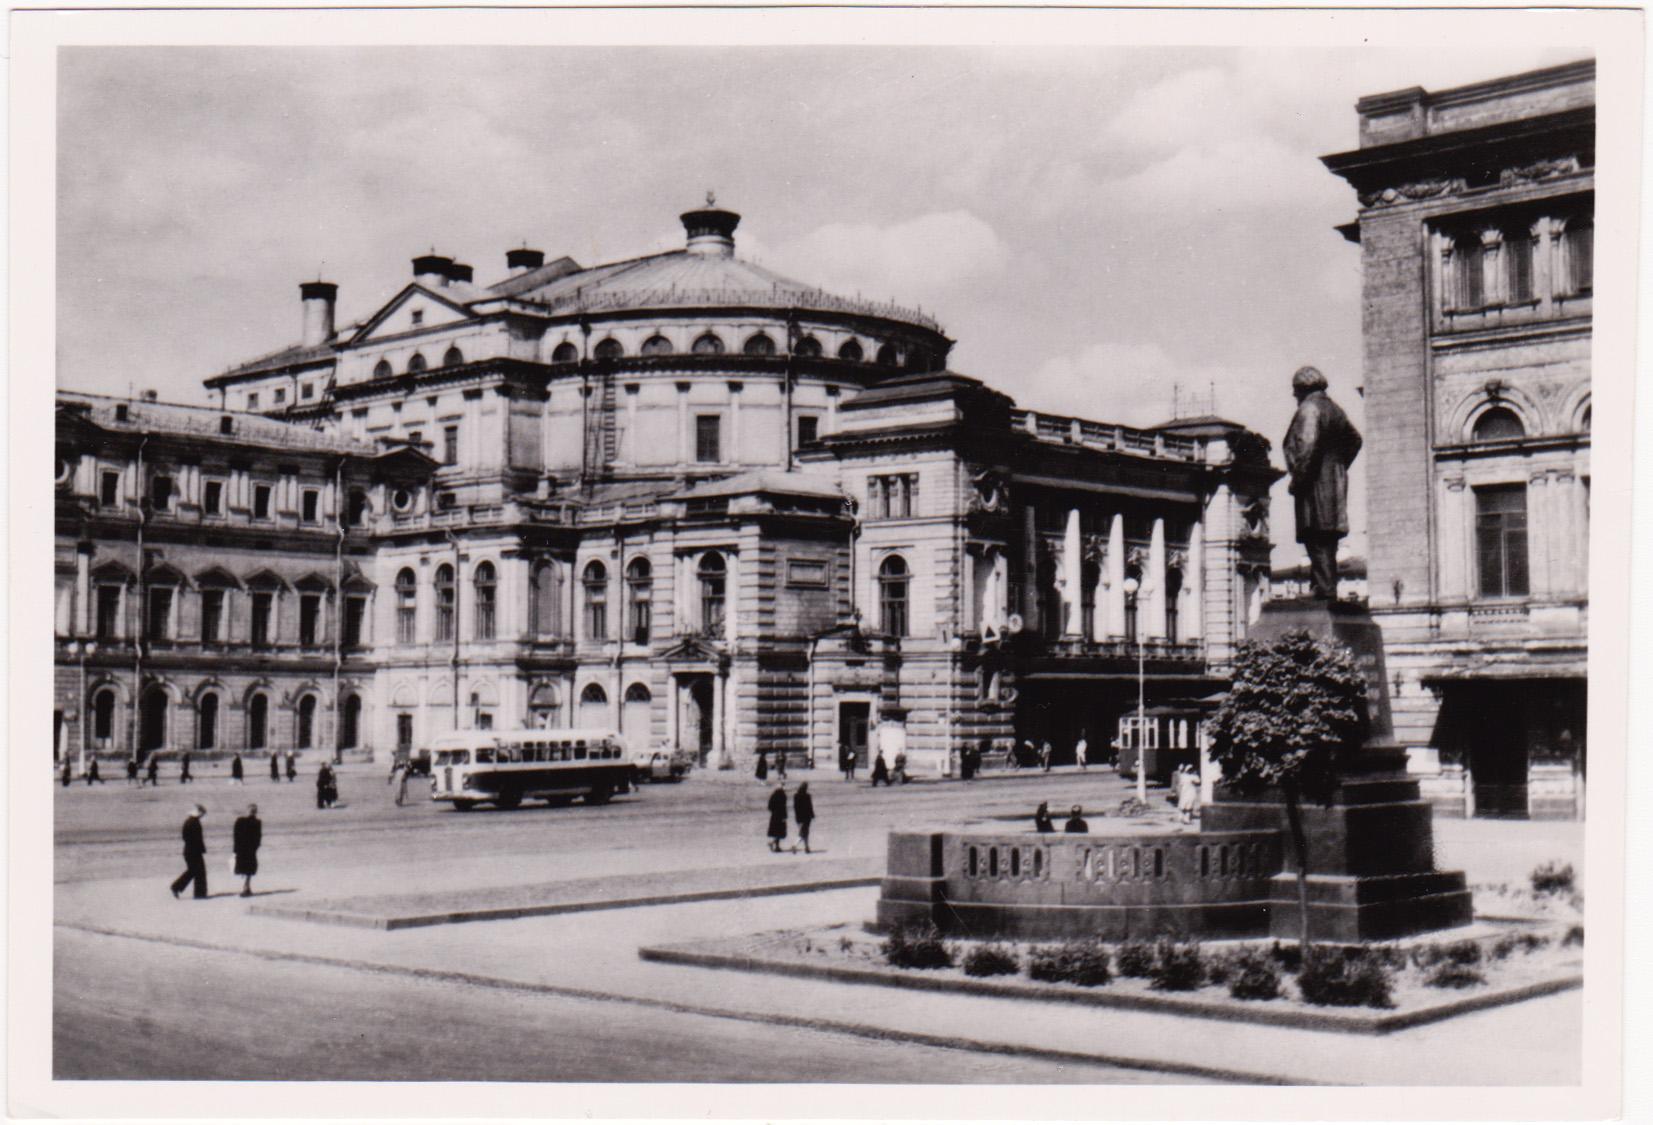 Театр оперы и балета в Ленинграде. Старая фотооткрытка